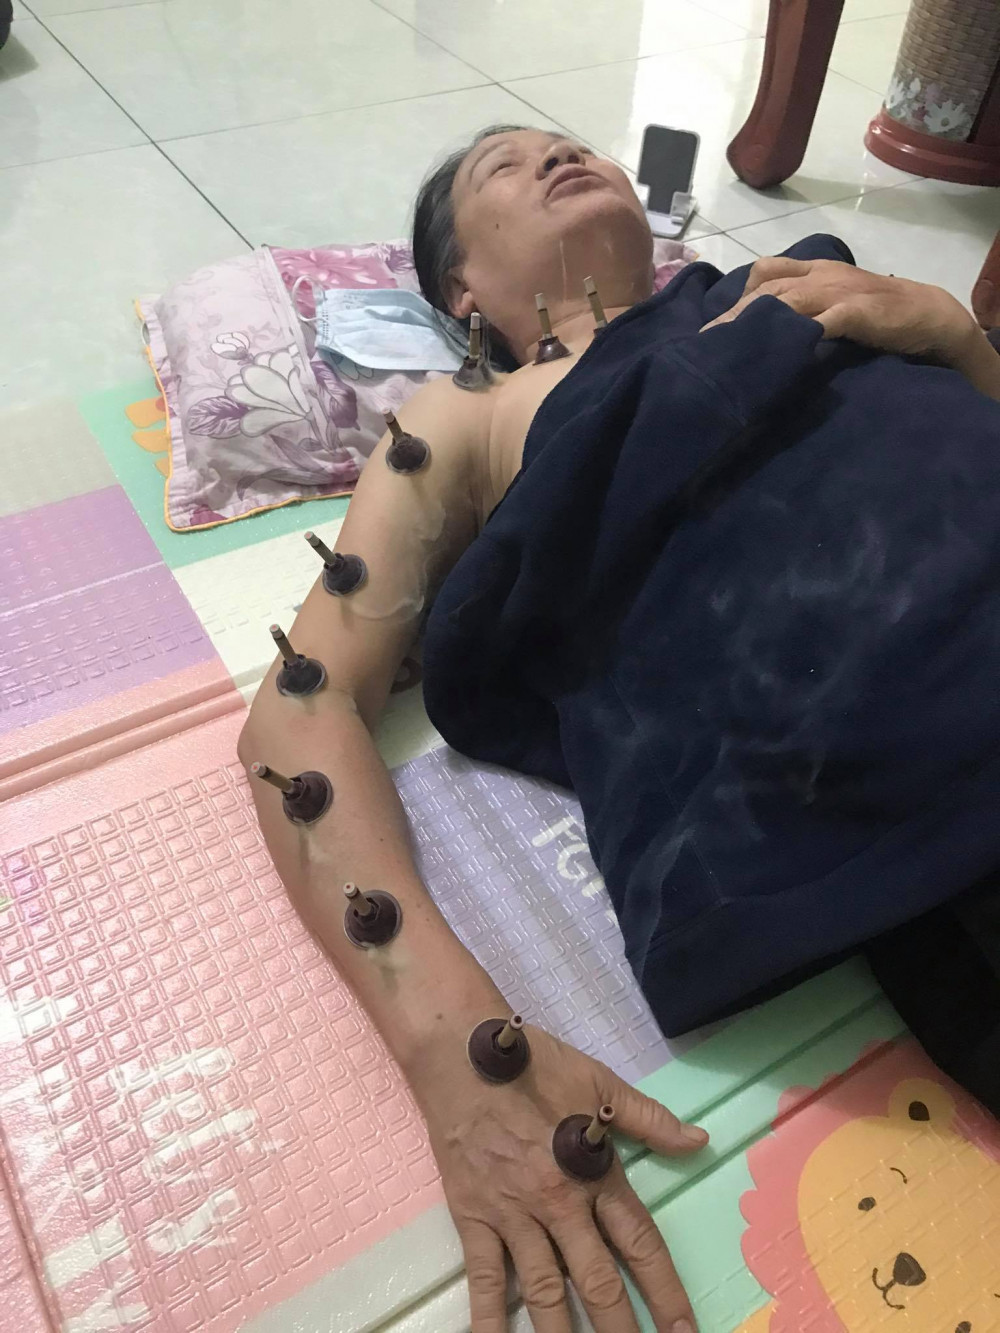 K phổi của mẹ vợ đã ở giai đoạn cuối, u đã bưng mủ không thể can thiệp bằng phẫu thuật, chàng rể không đầu hàng mà tự mình mày mò các biện pháp trị liệu để giúp bà có sức đề kháng tốt hơn (Ảnh nhân vật cung cấp)